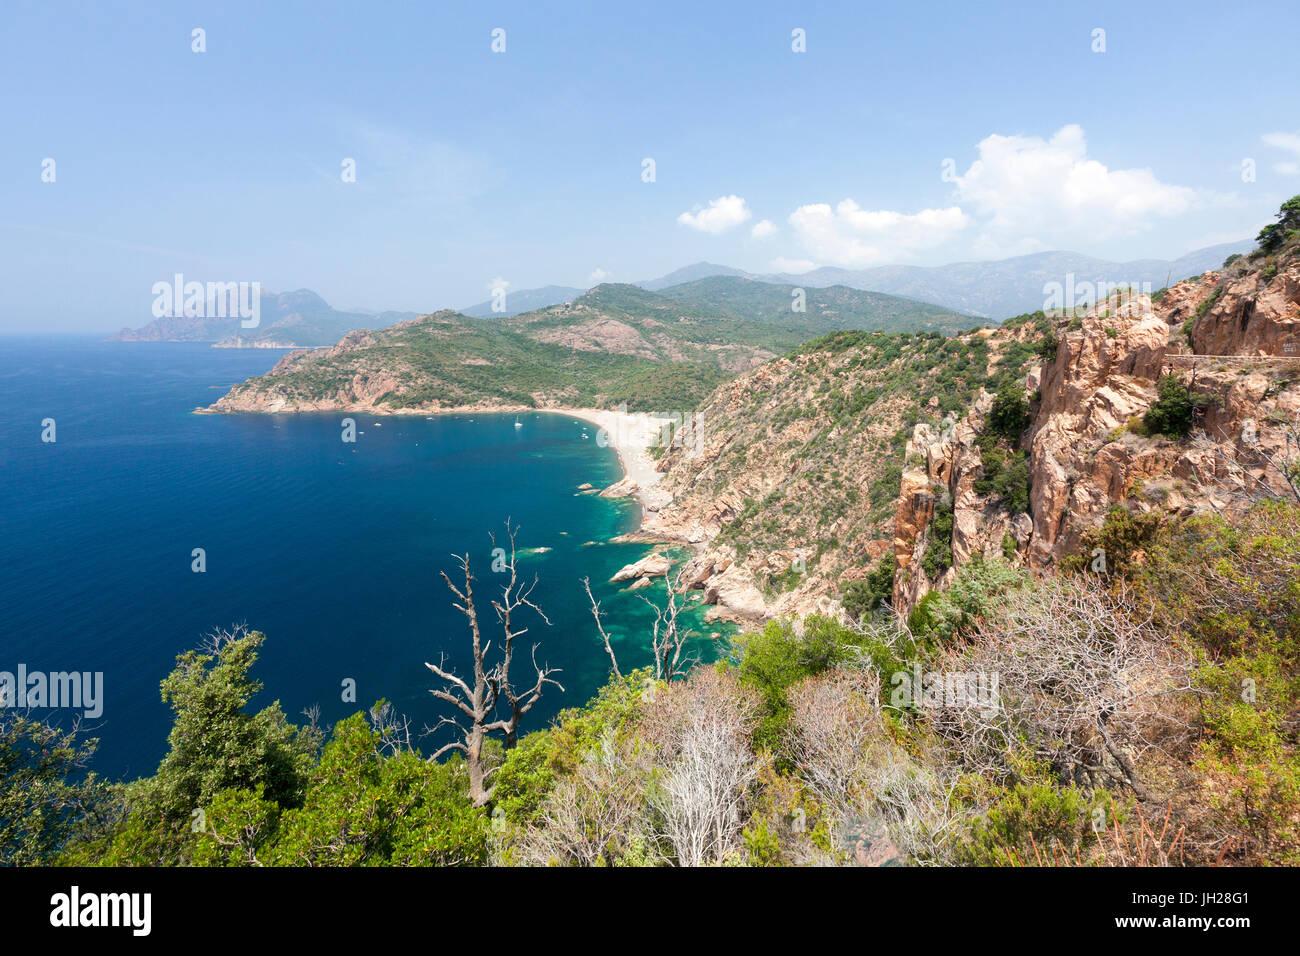 Vista superiore del mare turchese e spiaggia sabbiosa incorniciata da vegetazione verde sul promontorio, Porto, Immagini Stock